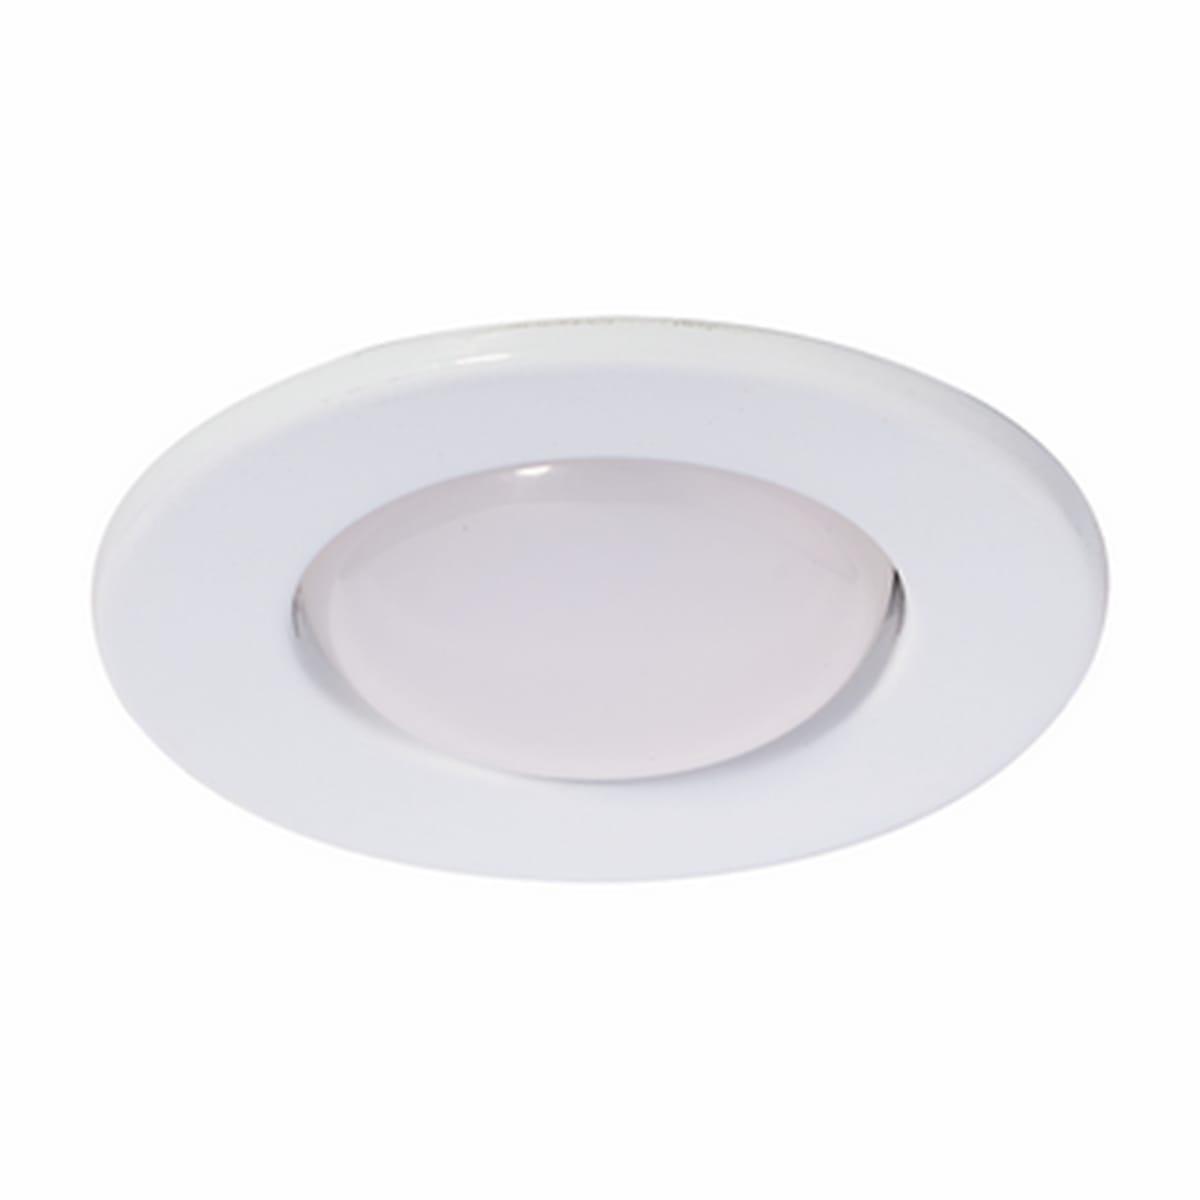 Светильник встраиваемый R39, E14x40 Вт, цвет белый